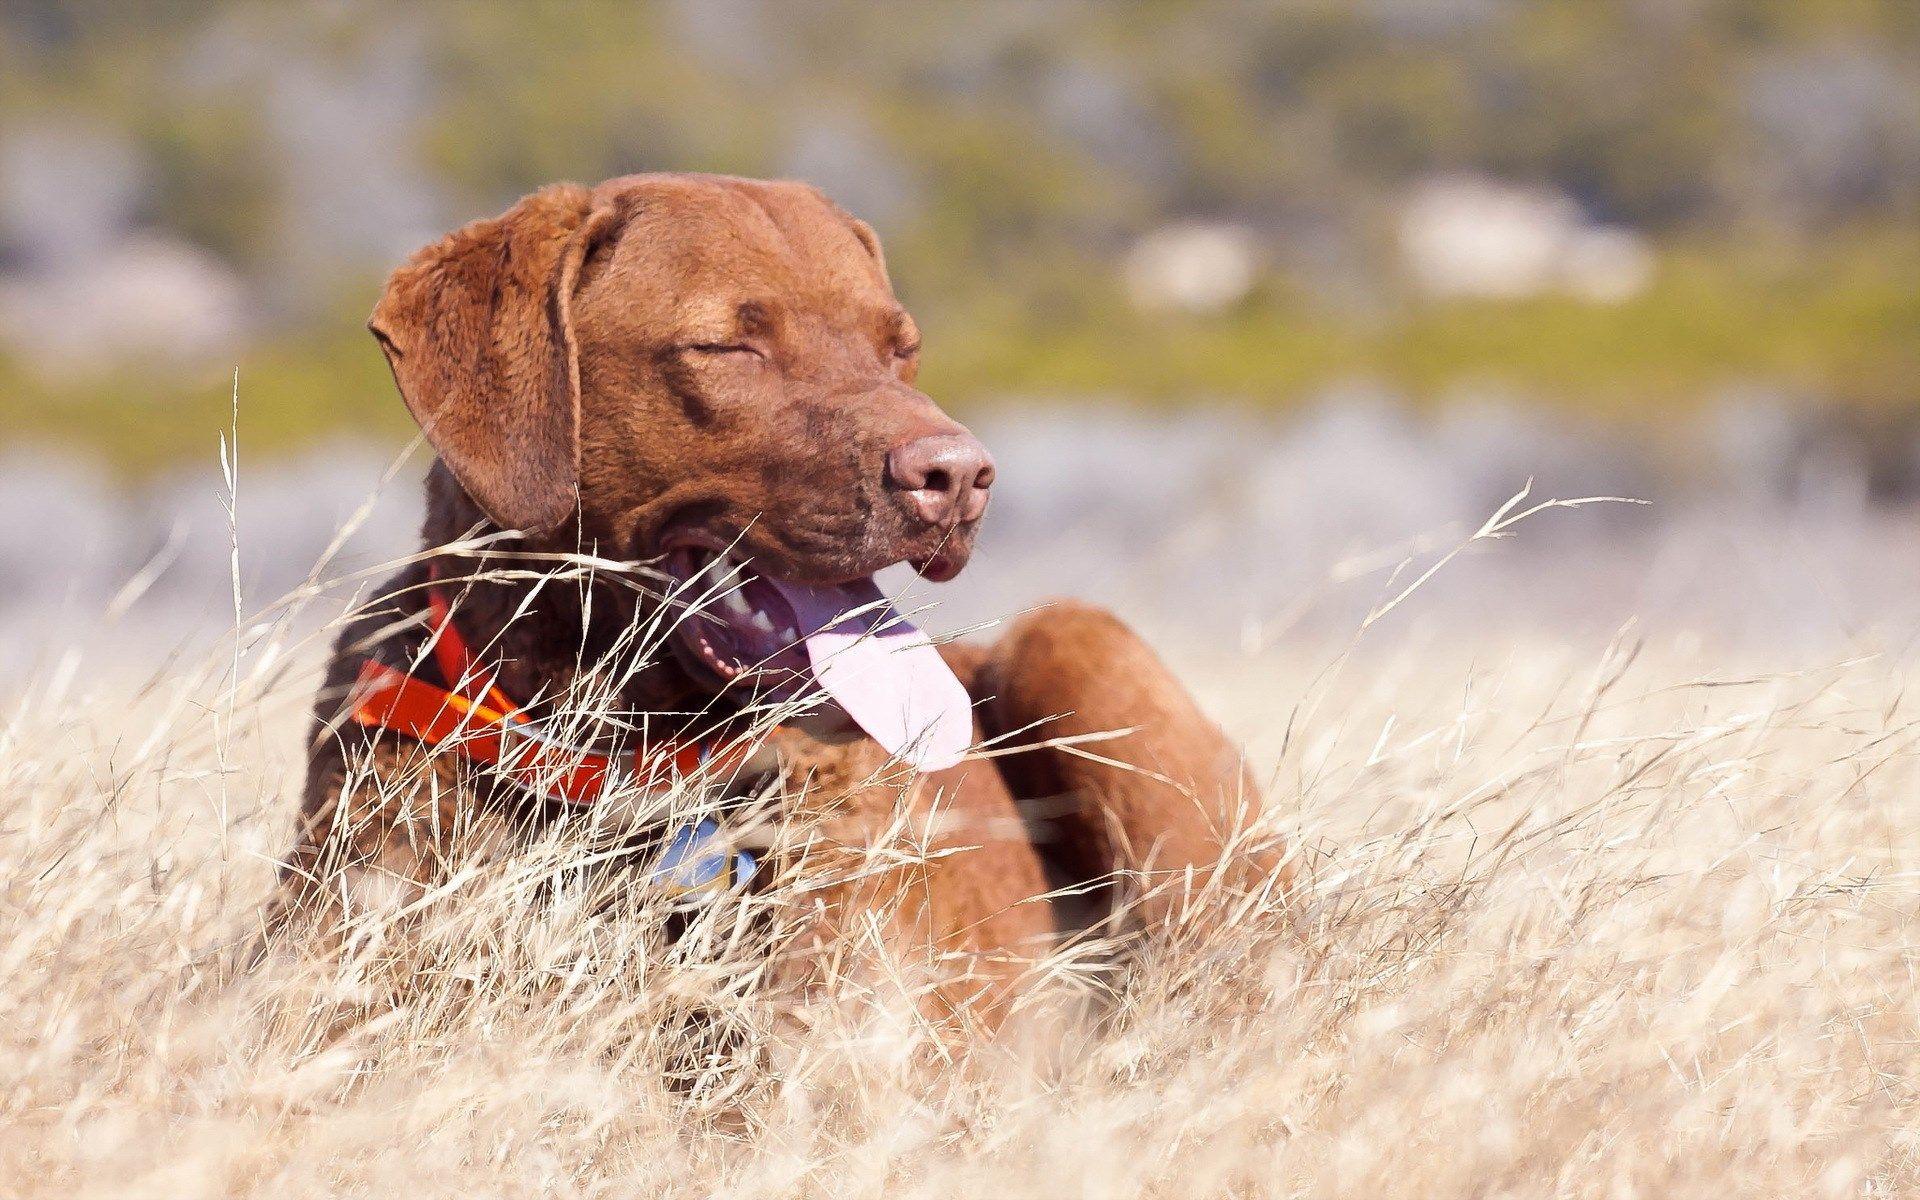 1920x1200 HD Widescreen Wallpaper - dog